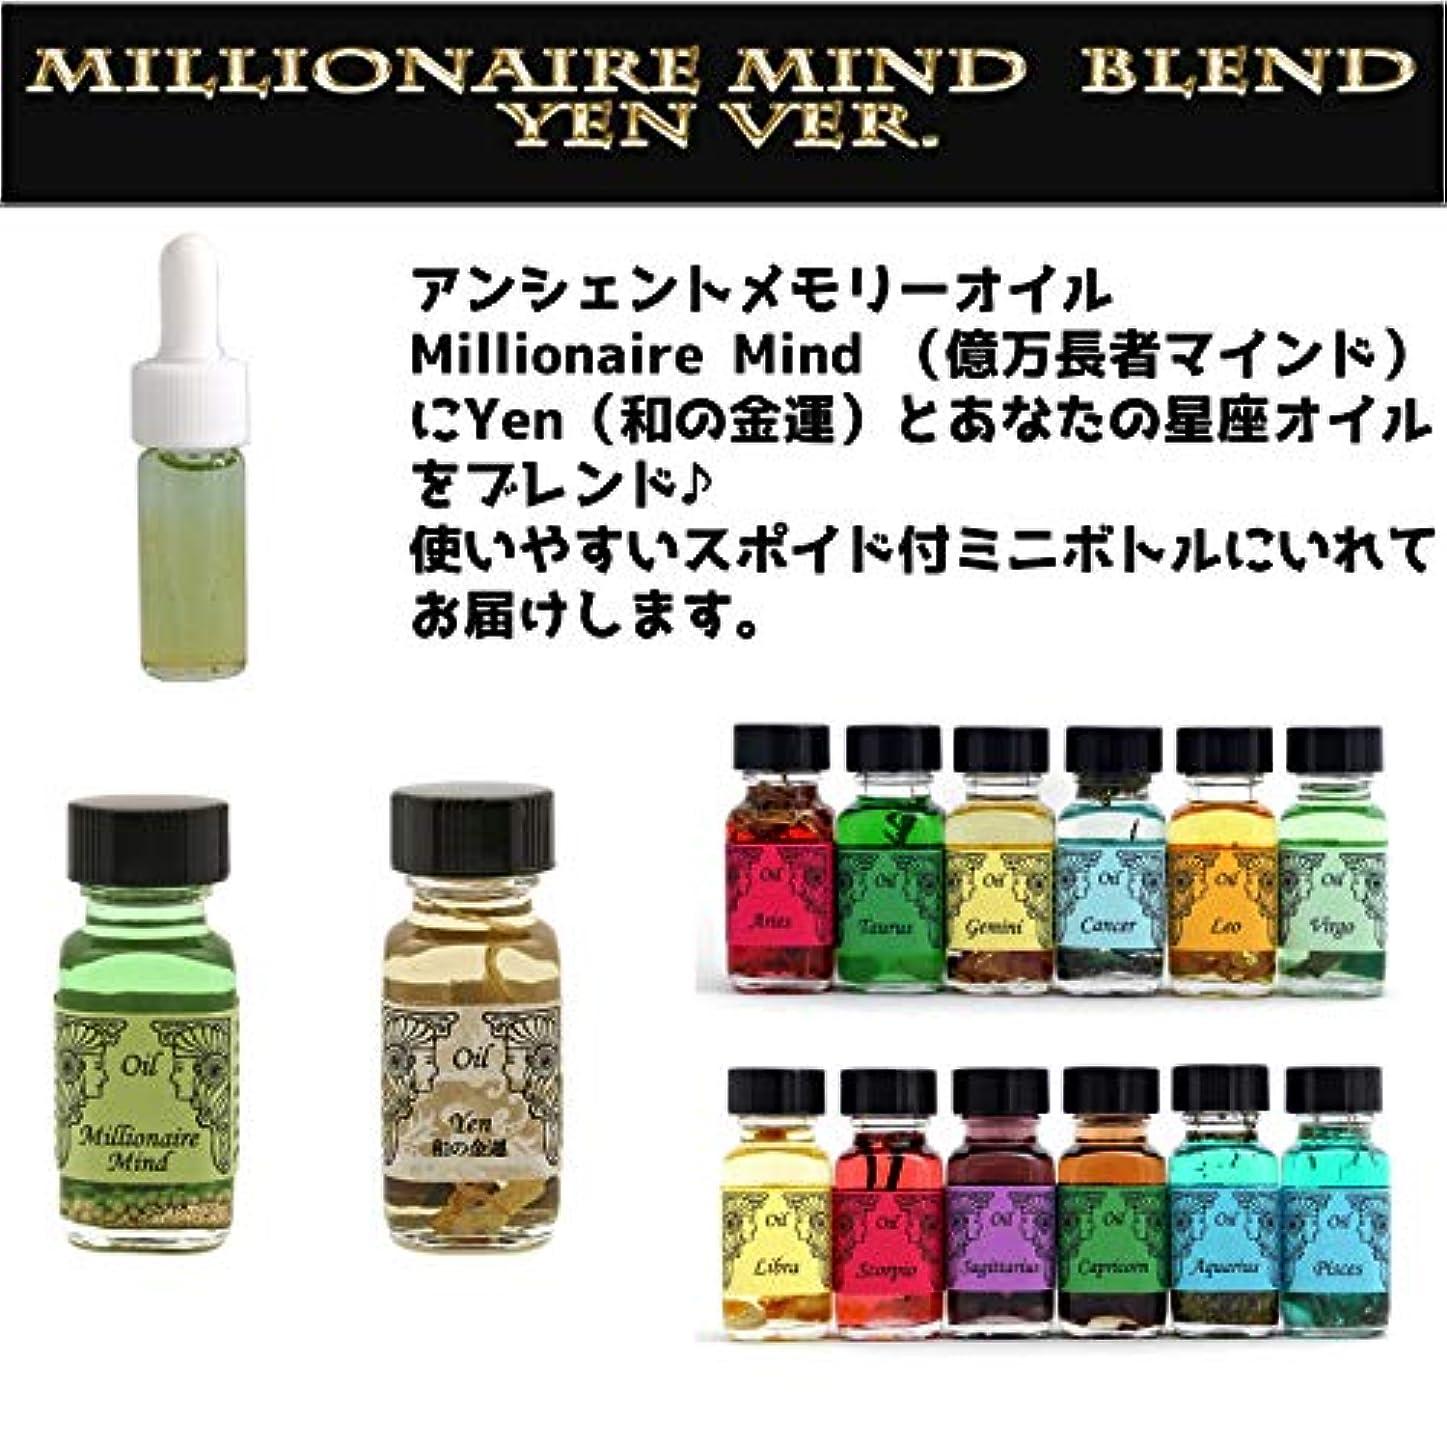 流行化粧推論アンシェントメモリーオイル Millionaire Mind 億万長者マインド ブレンド【Yen 和の金運&おうし座】